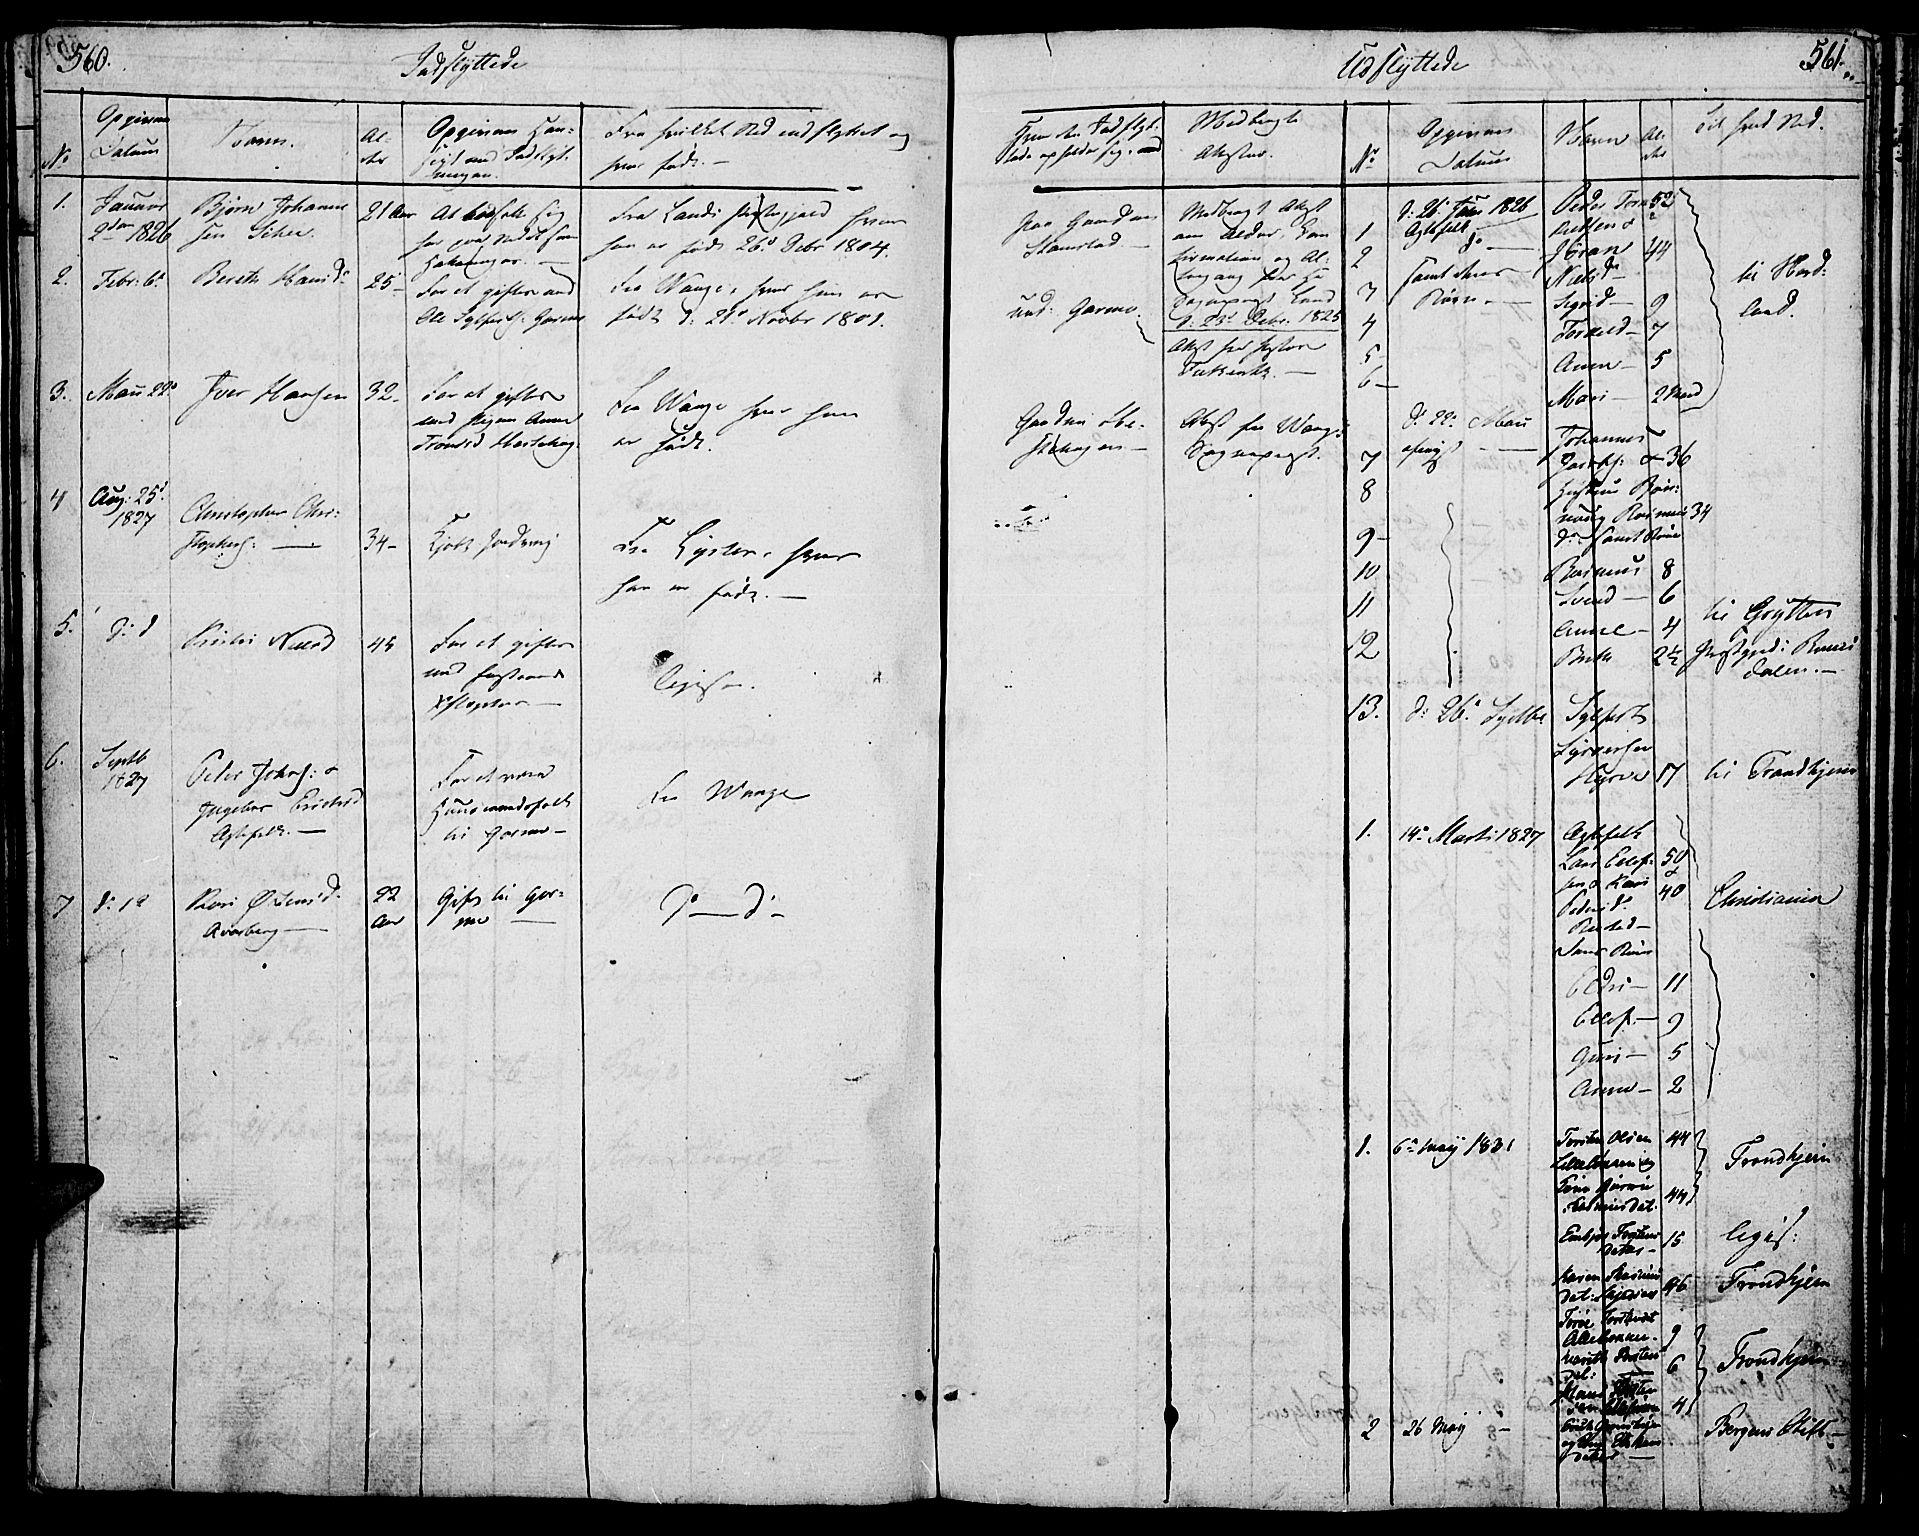 SAH, Lom prestekontor, K/L0005: Ministerialbok nr. 5, 1825-1837, s. 560-561